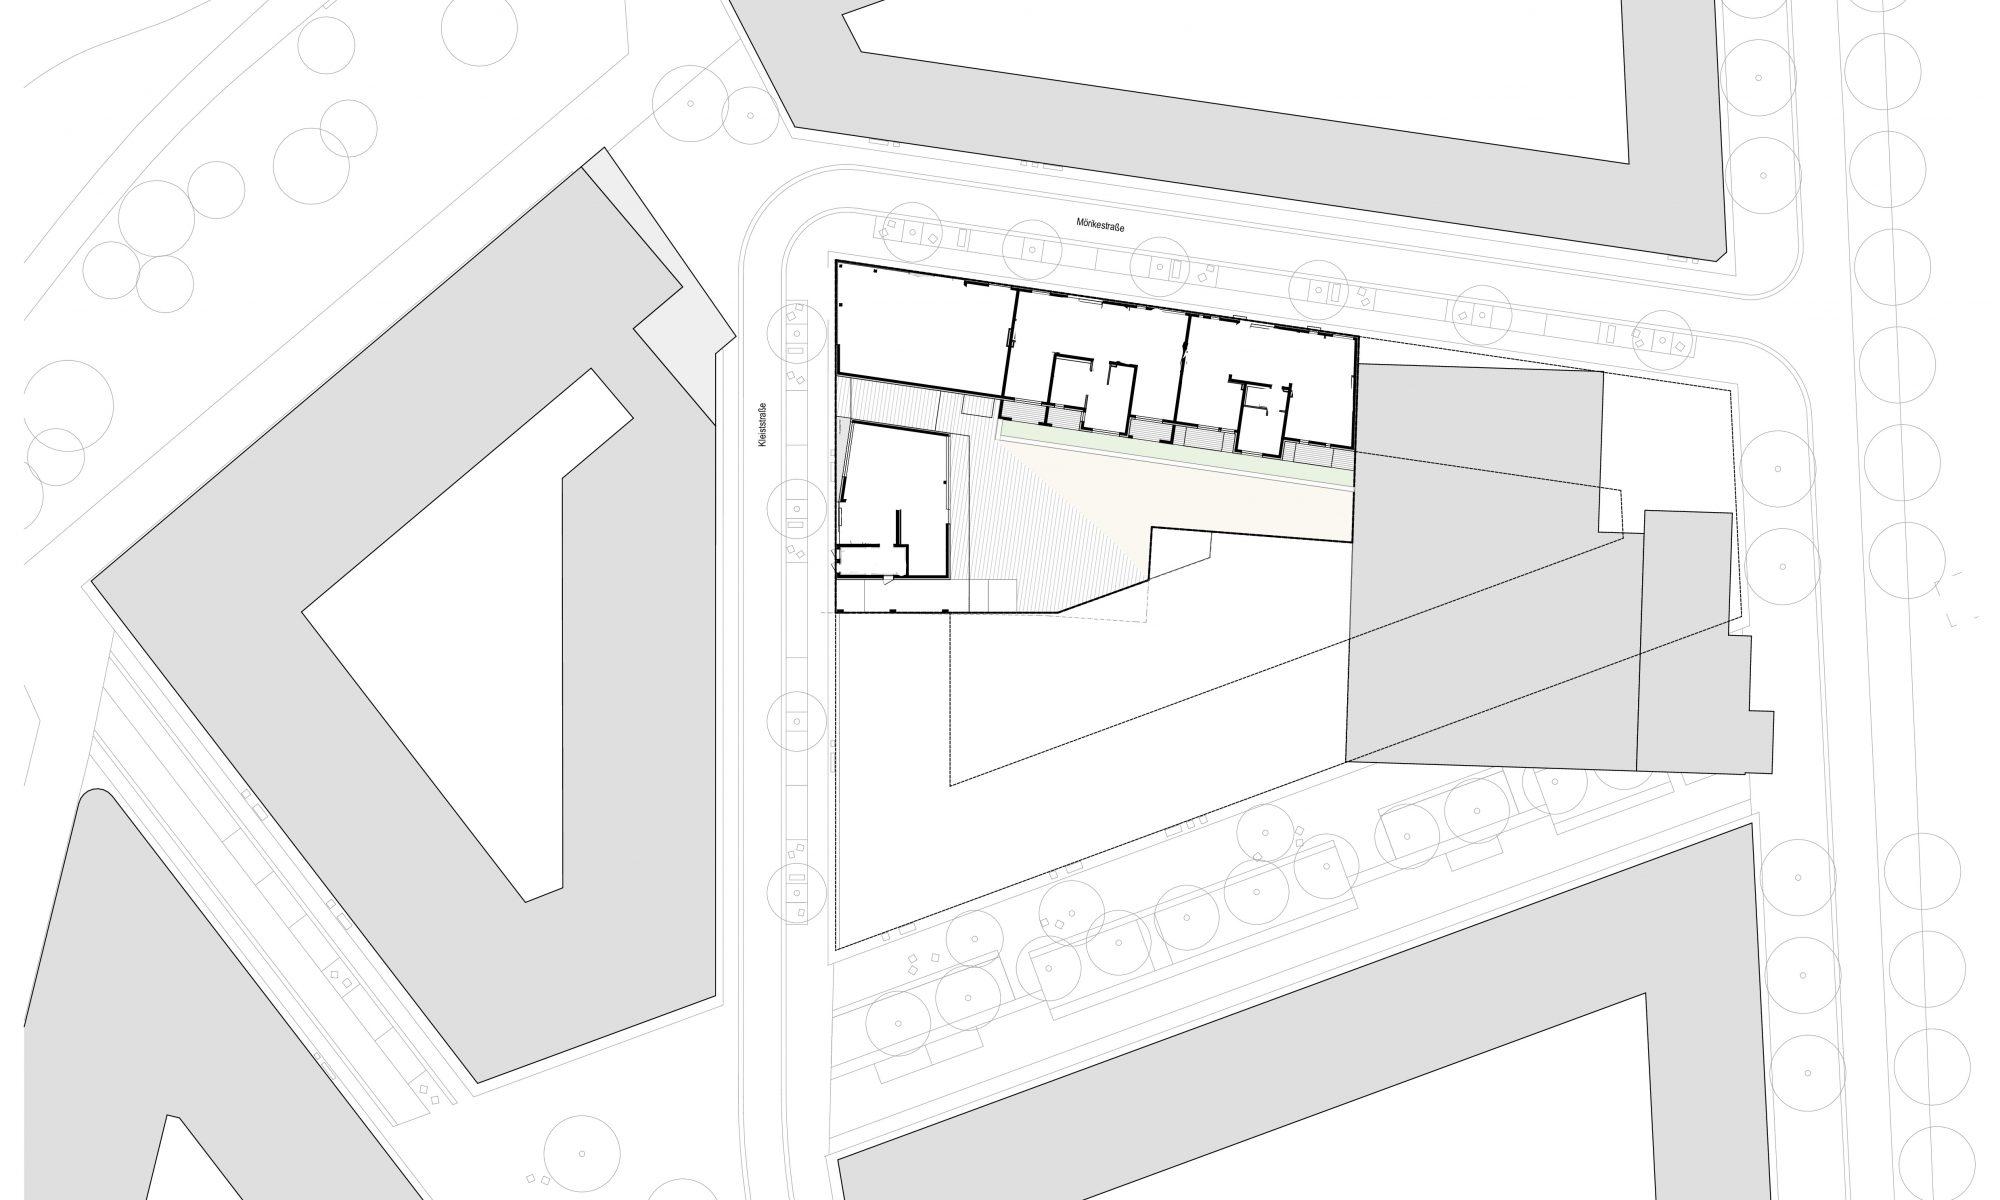 Dichterviertel / Weiser Viertel Ulm Völk Immobilien GmbH